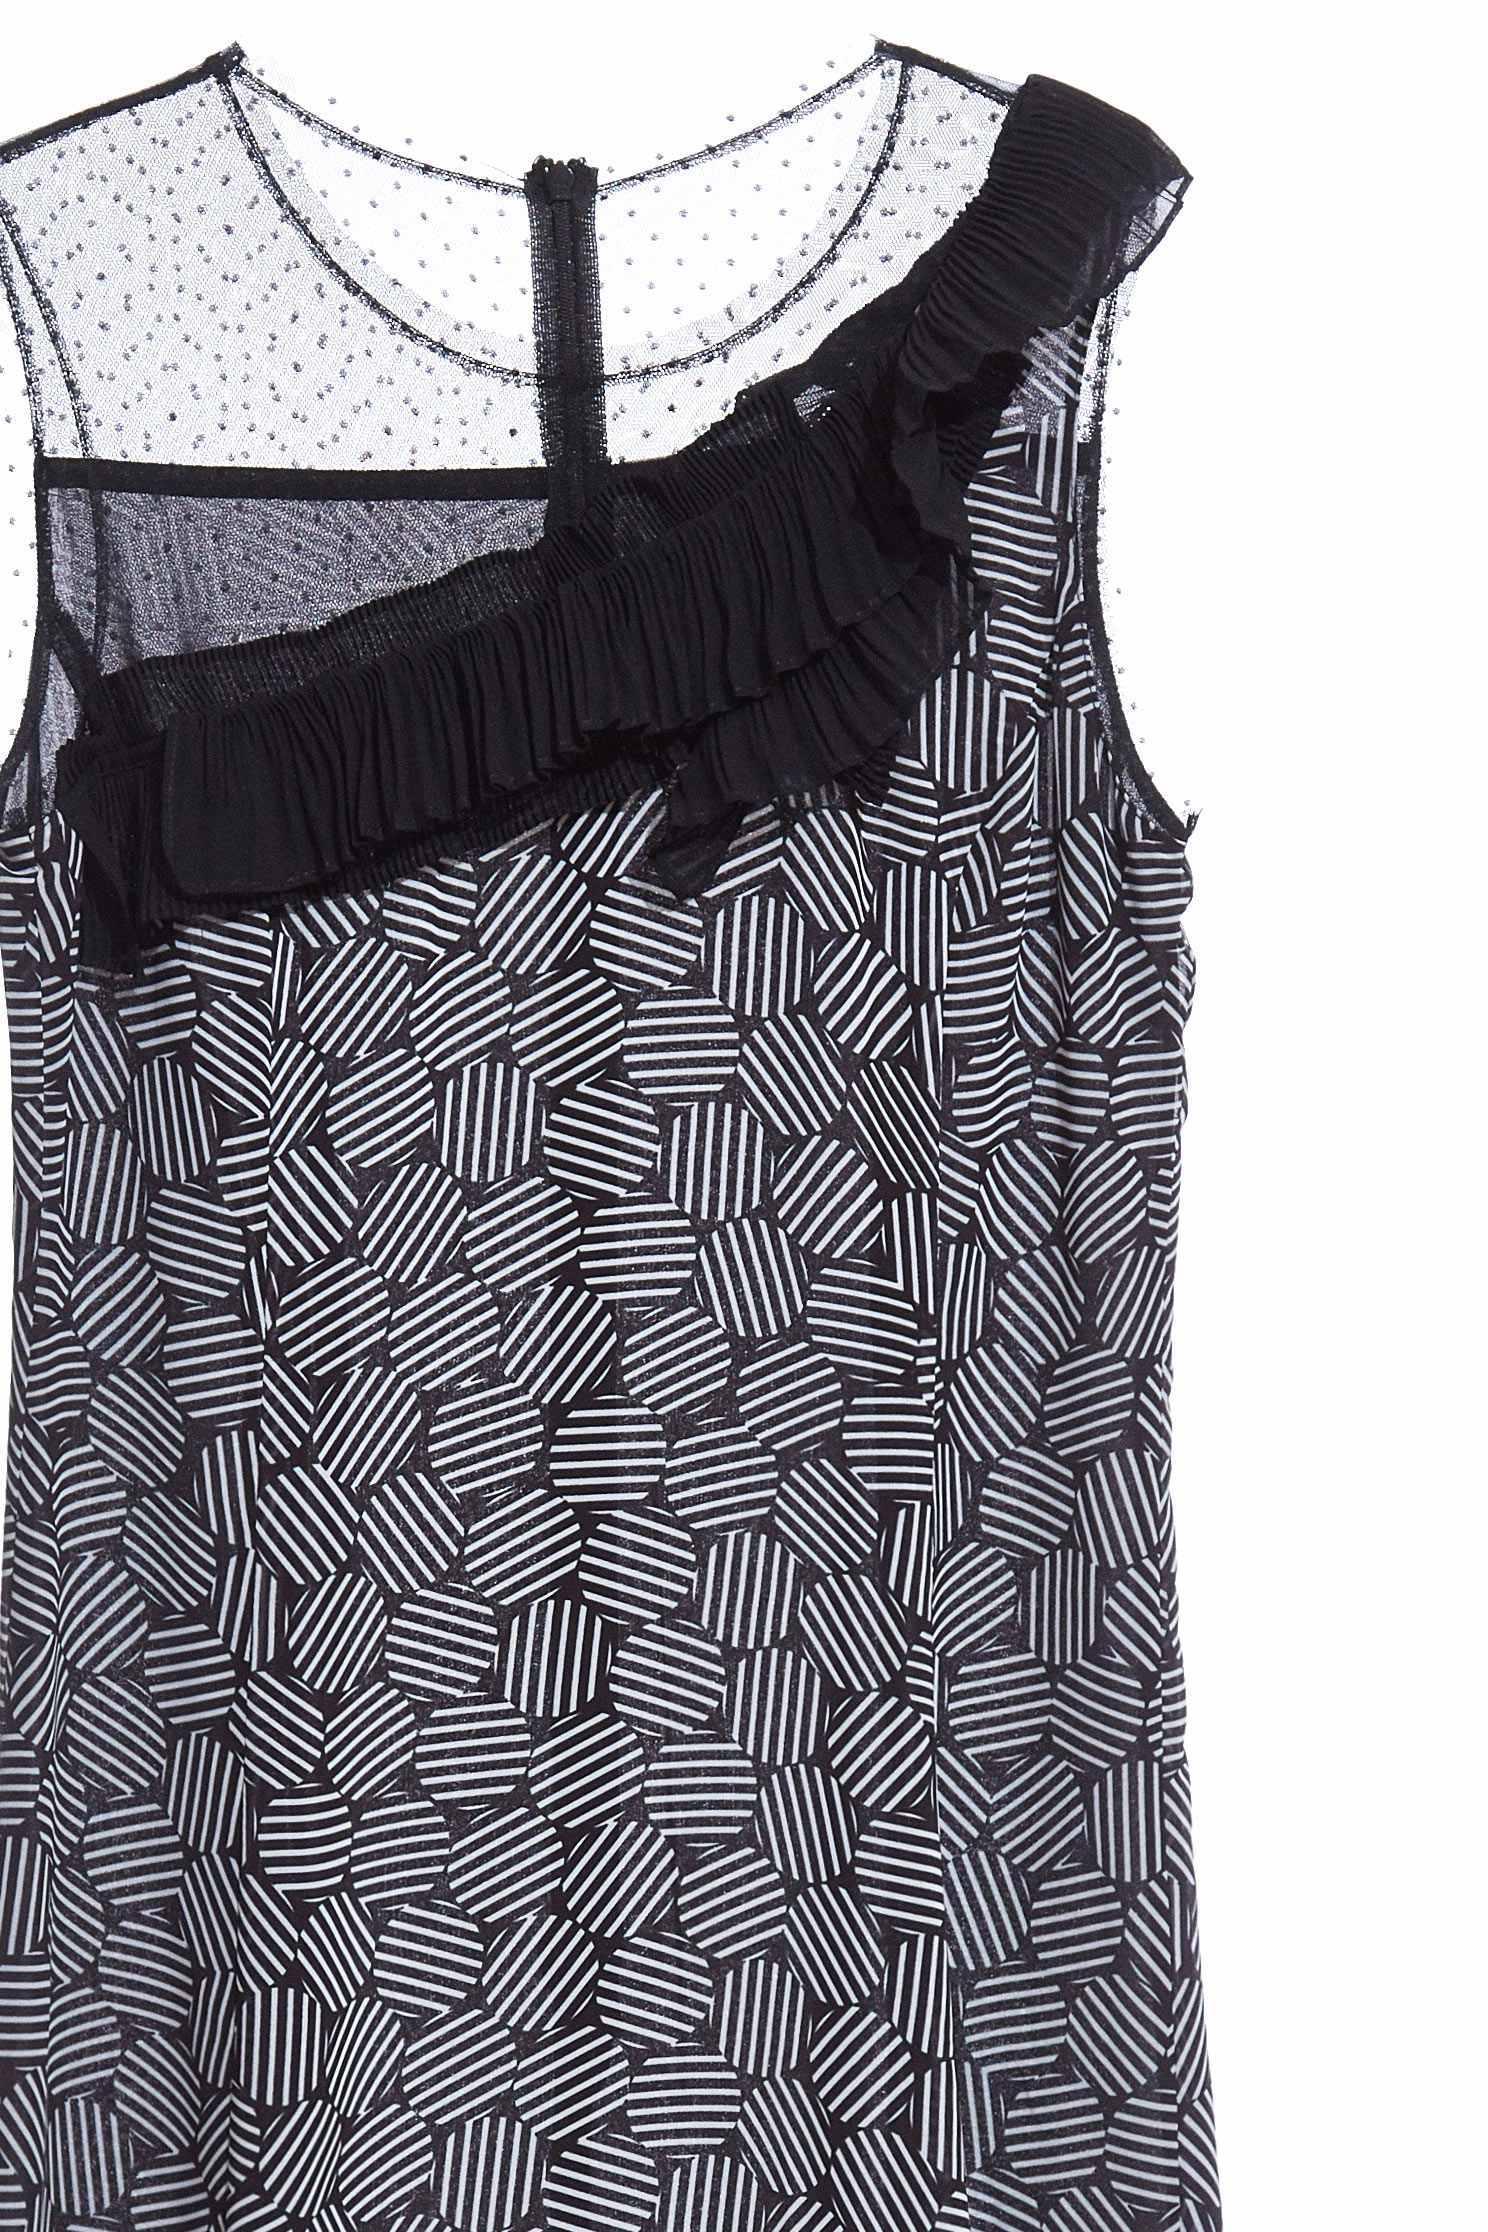 Charming solid flounce dress,sleevelessdress,perspectivedress